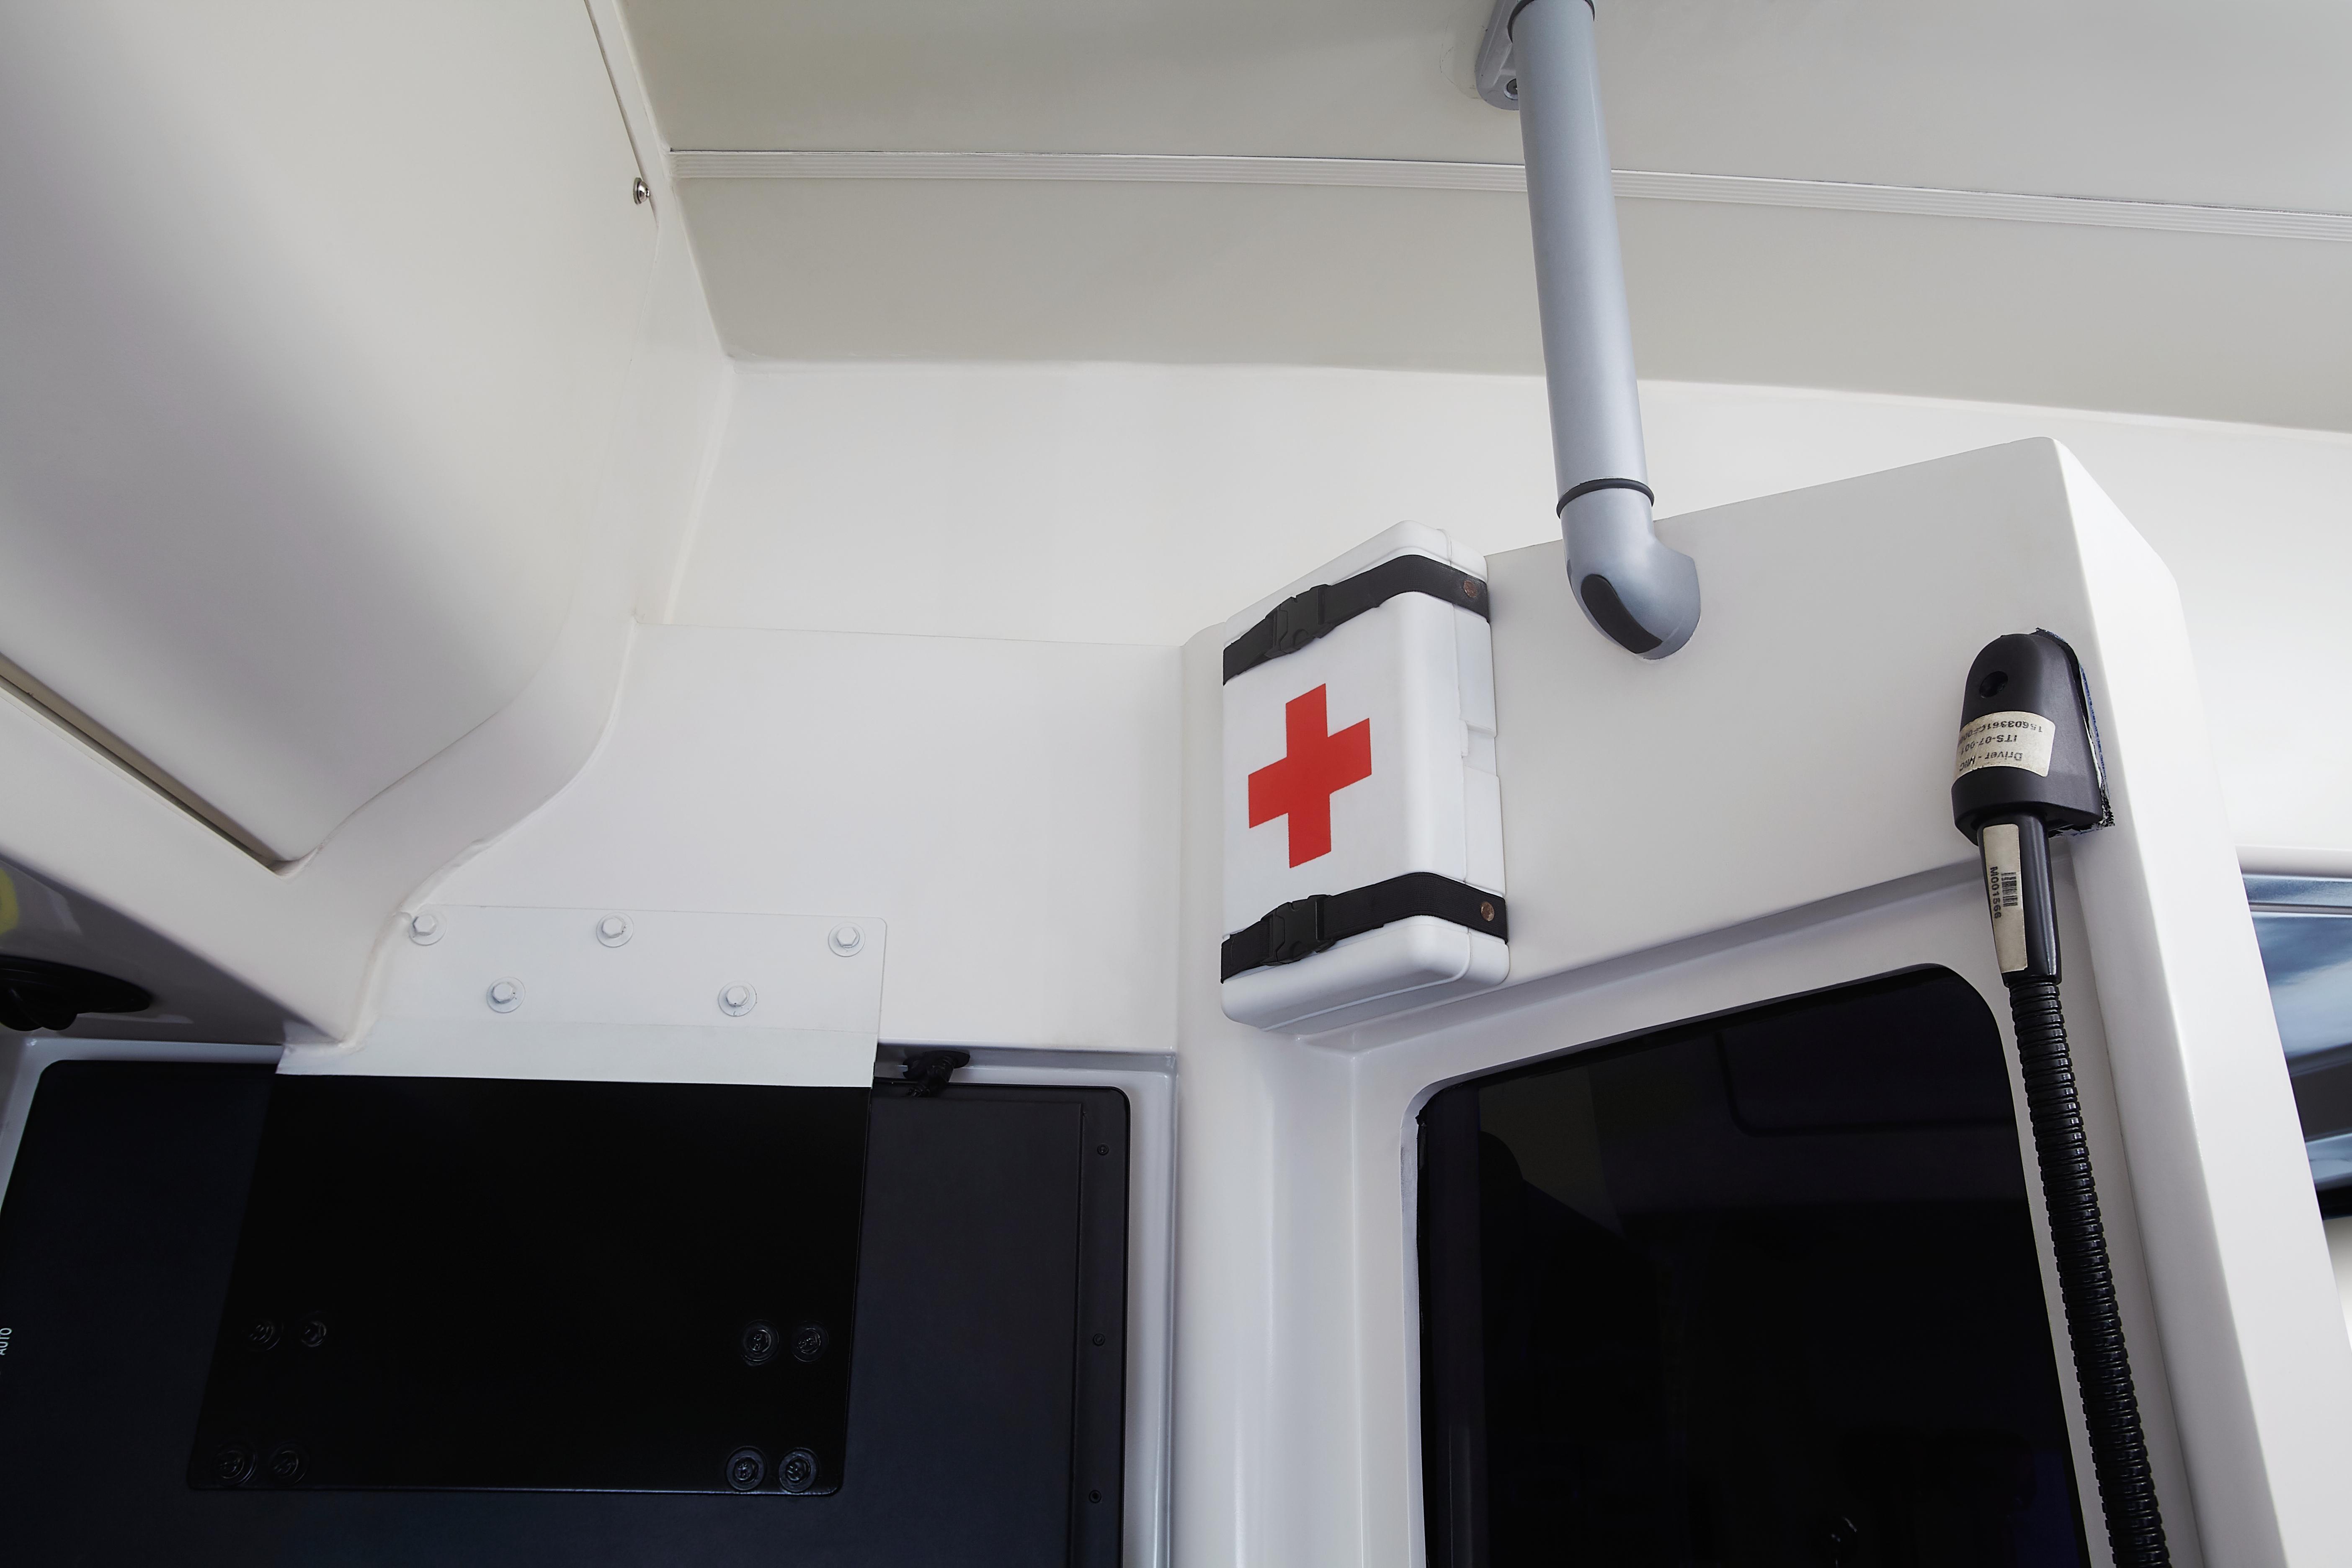 Tata Bus First Aid Kit